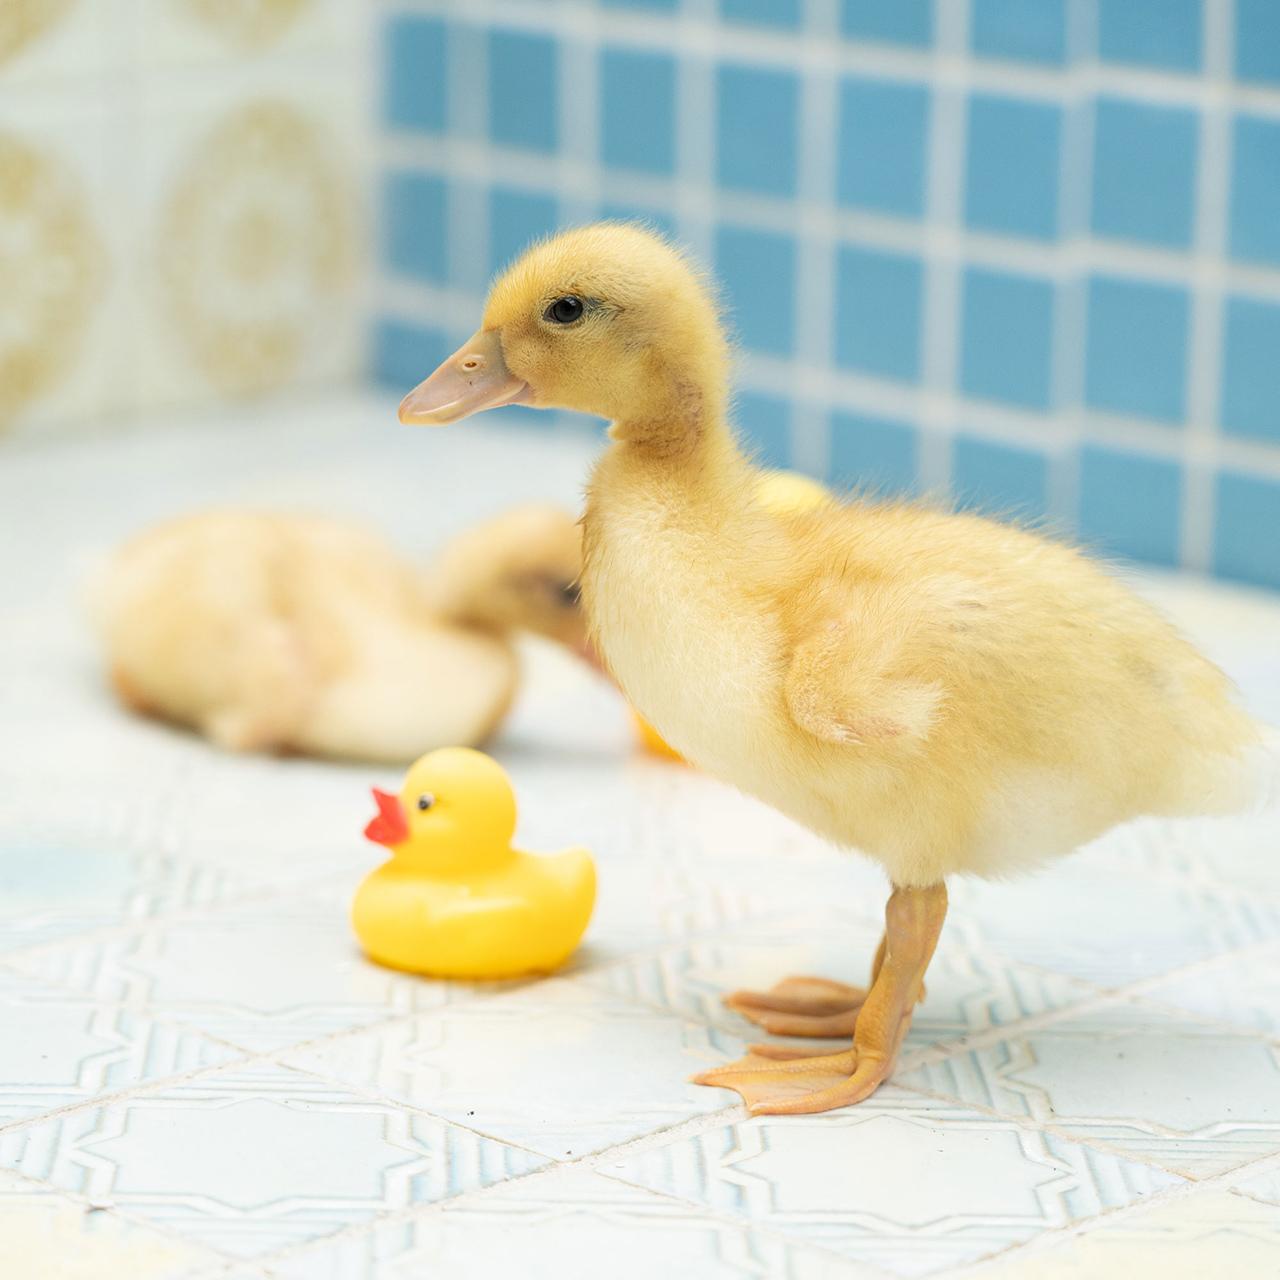 โรงอาบน้ำ Tamagawa Onsen ในจังหวัดไซตามะ จัดอีเว้นท์ให้อาบน้ำกับเป็ดเหลืองตัวเป็นๆ ได้